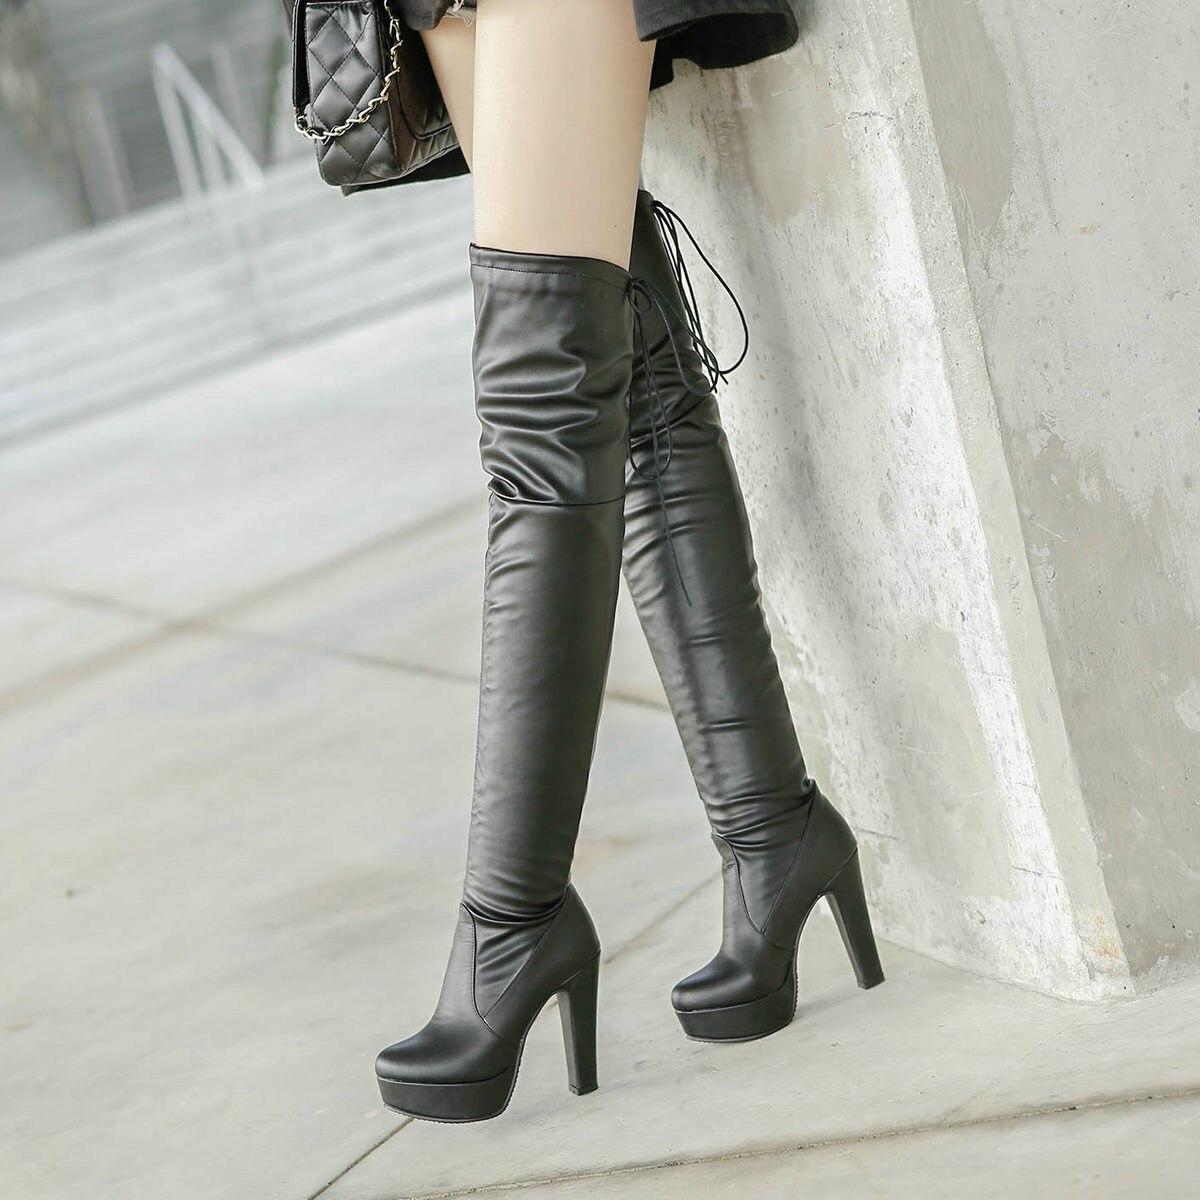 Lace Carré Genou Cuir Noir rouge Haute Cuisse Dames Bottes Noir En Plate Up Pu Le Chaussures Hiver forme Femmes Talon Rouge Sur 0wOqX5